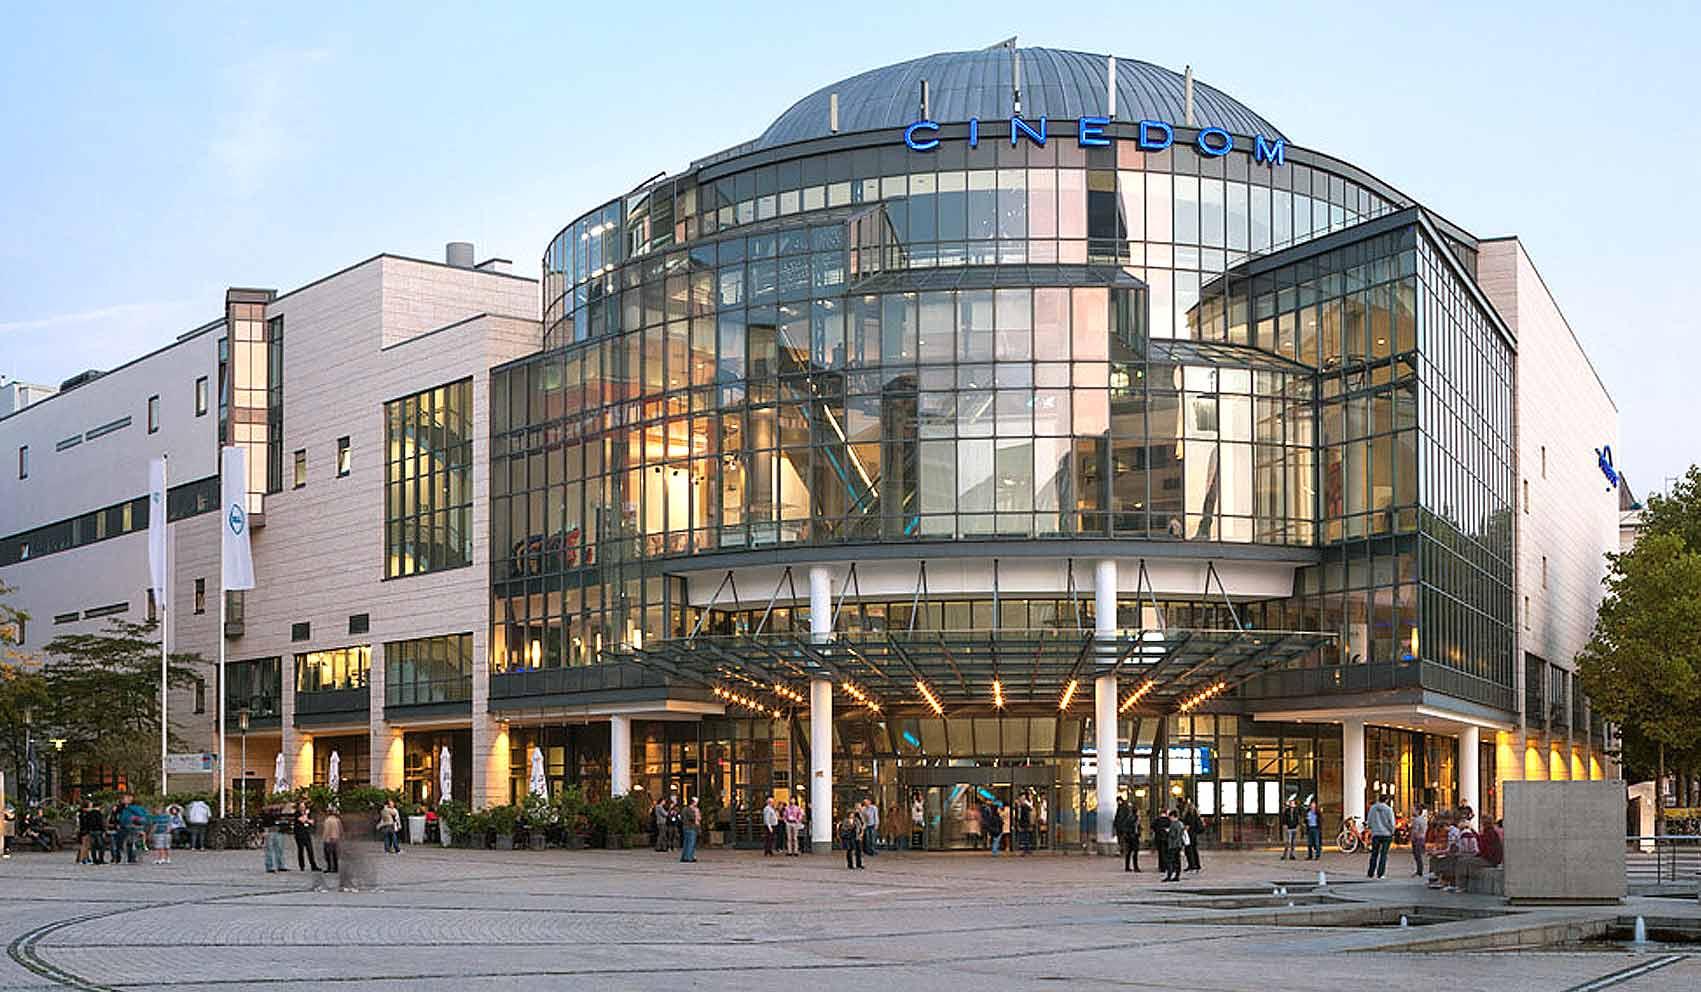 Cinedom - Das Kino In Köln